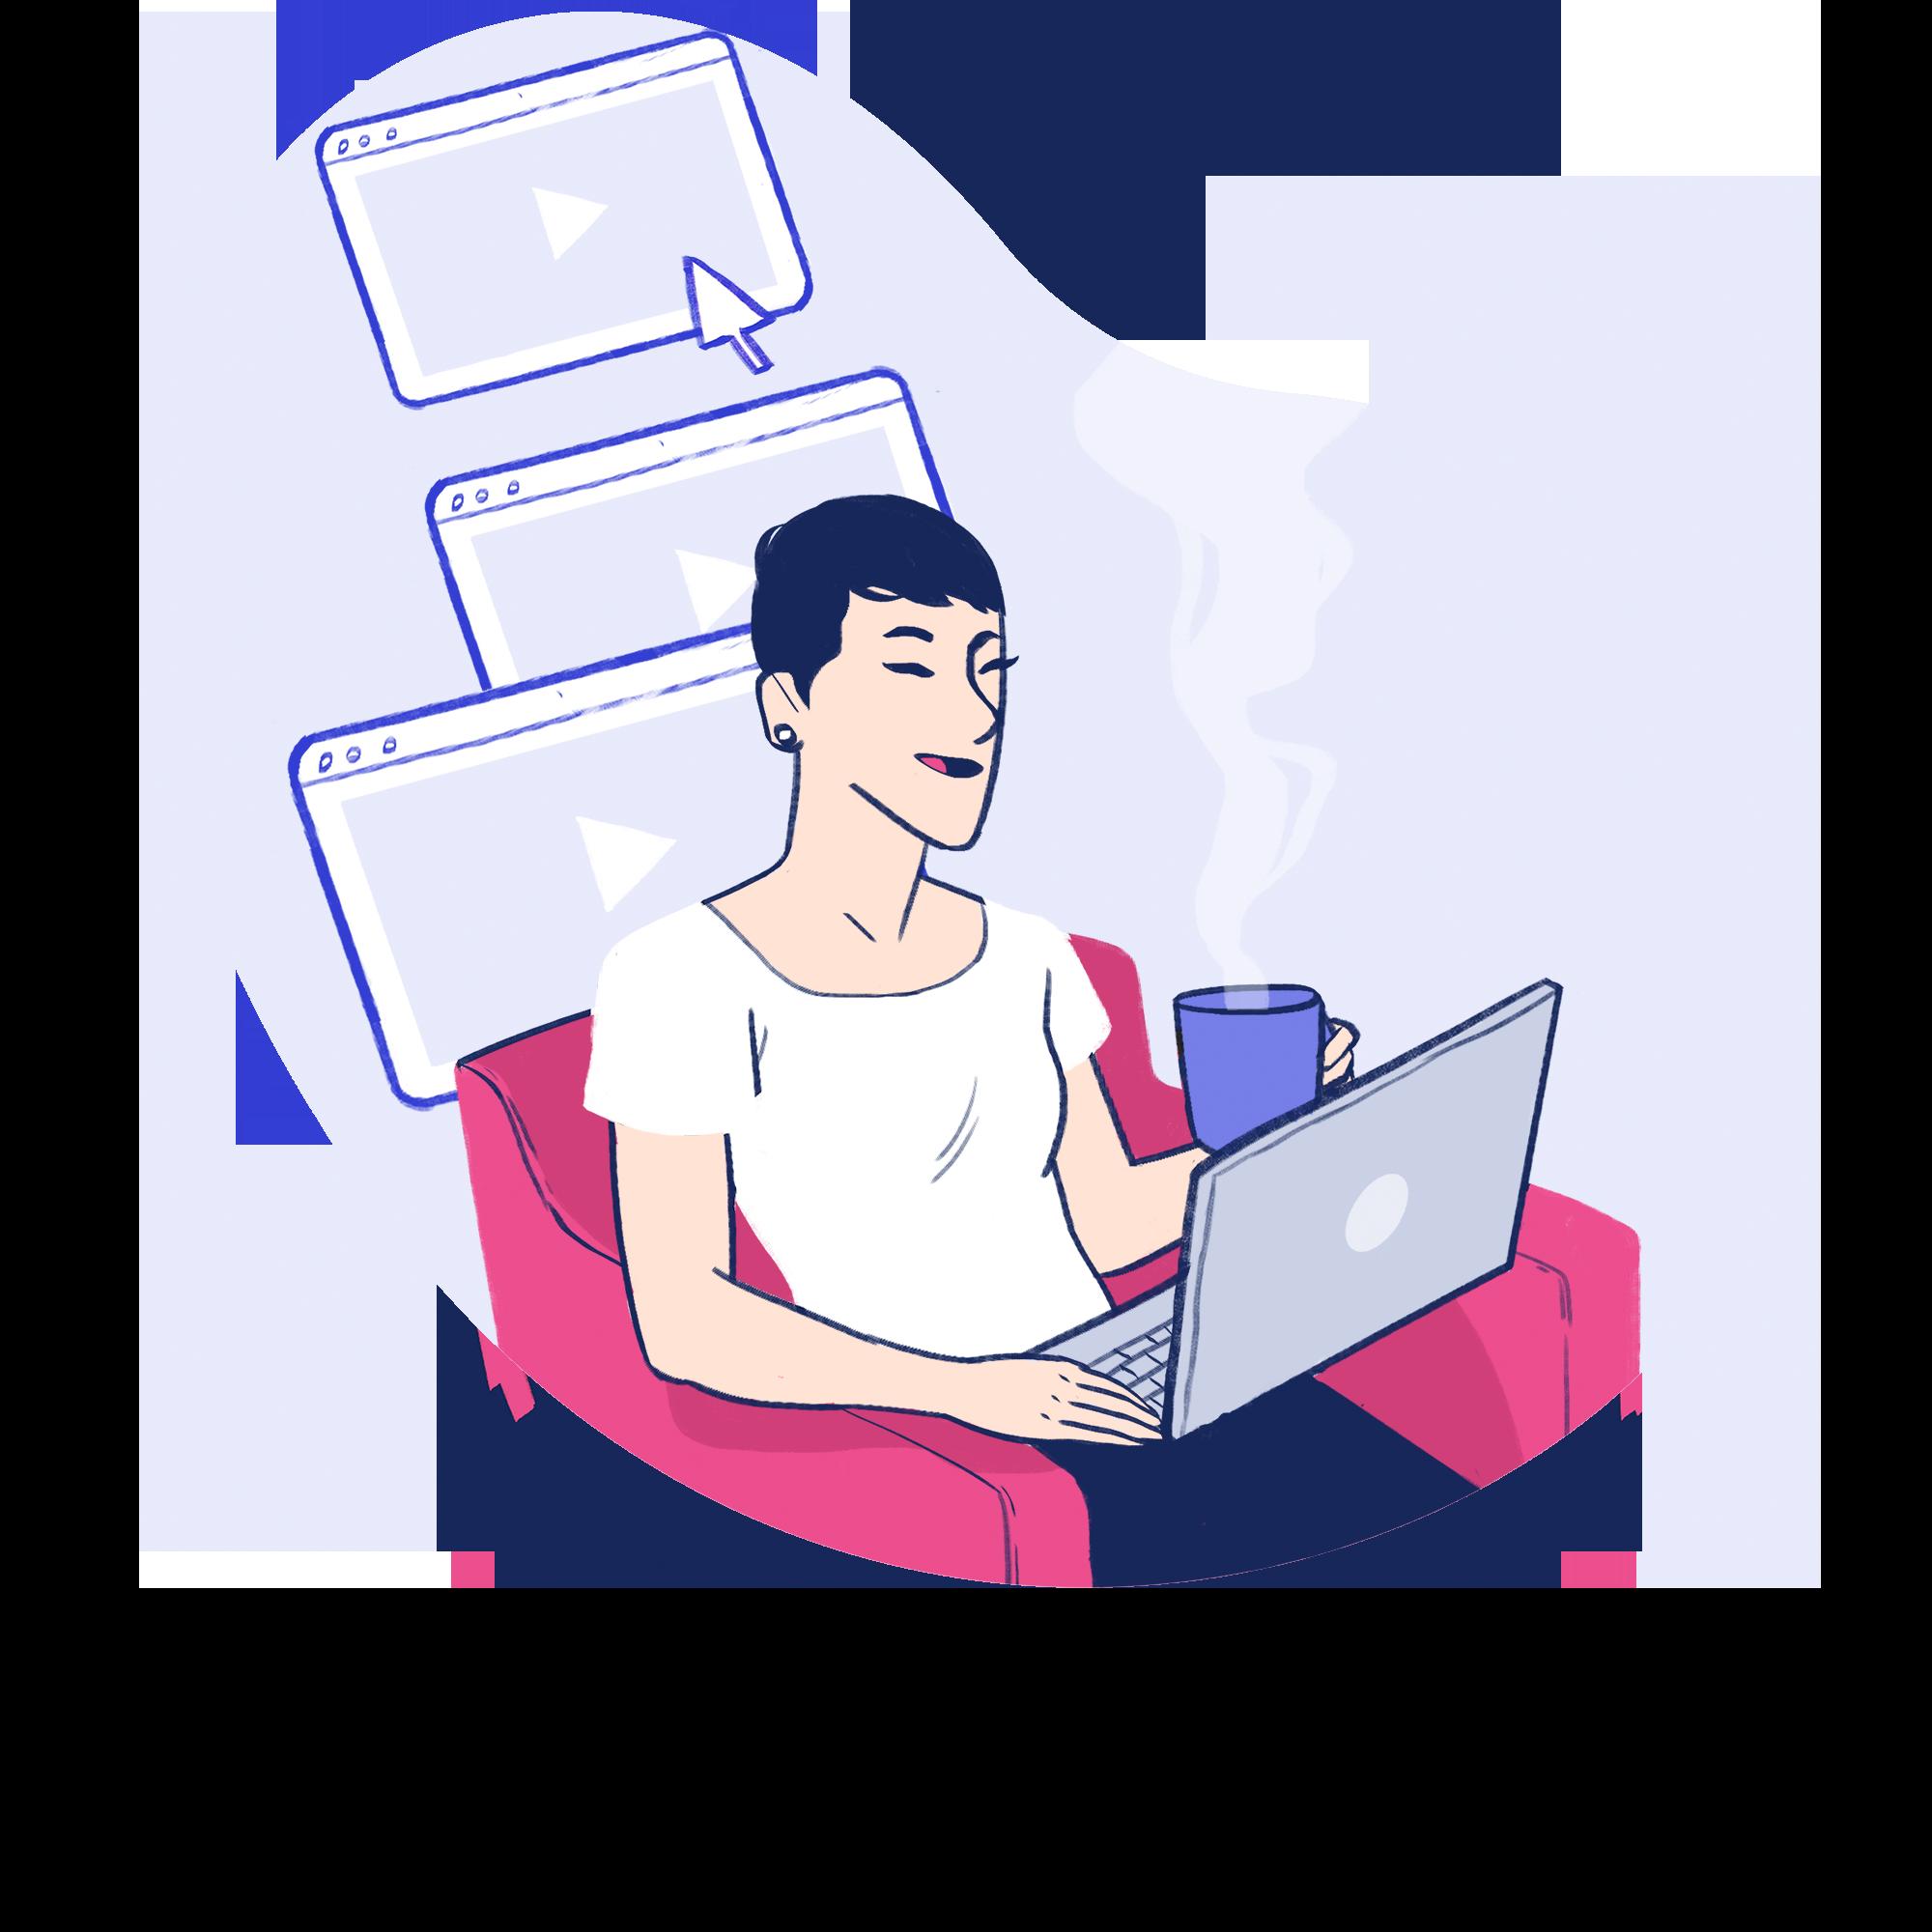 Esta imagem é uma ilustração de uma mulher assistindo aulas sentada na poltrona com um notebook no colo enquanto toma uma bebida quente numa xicara.